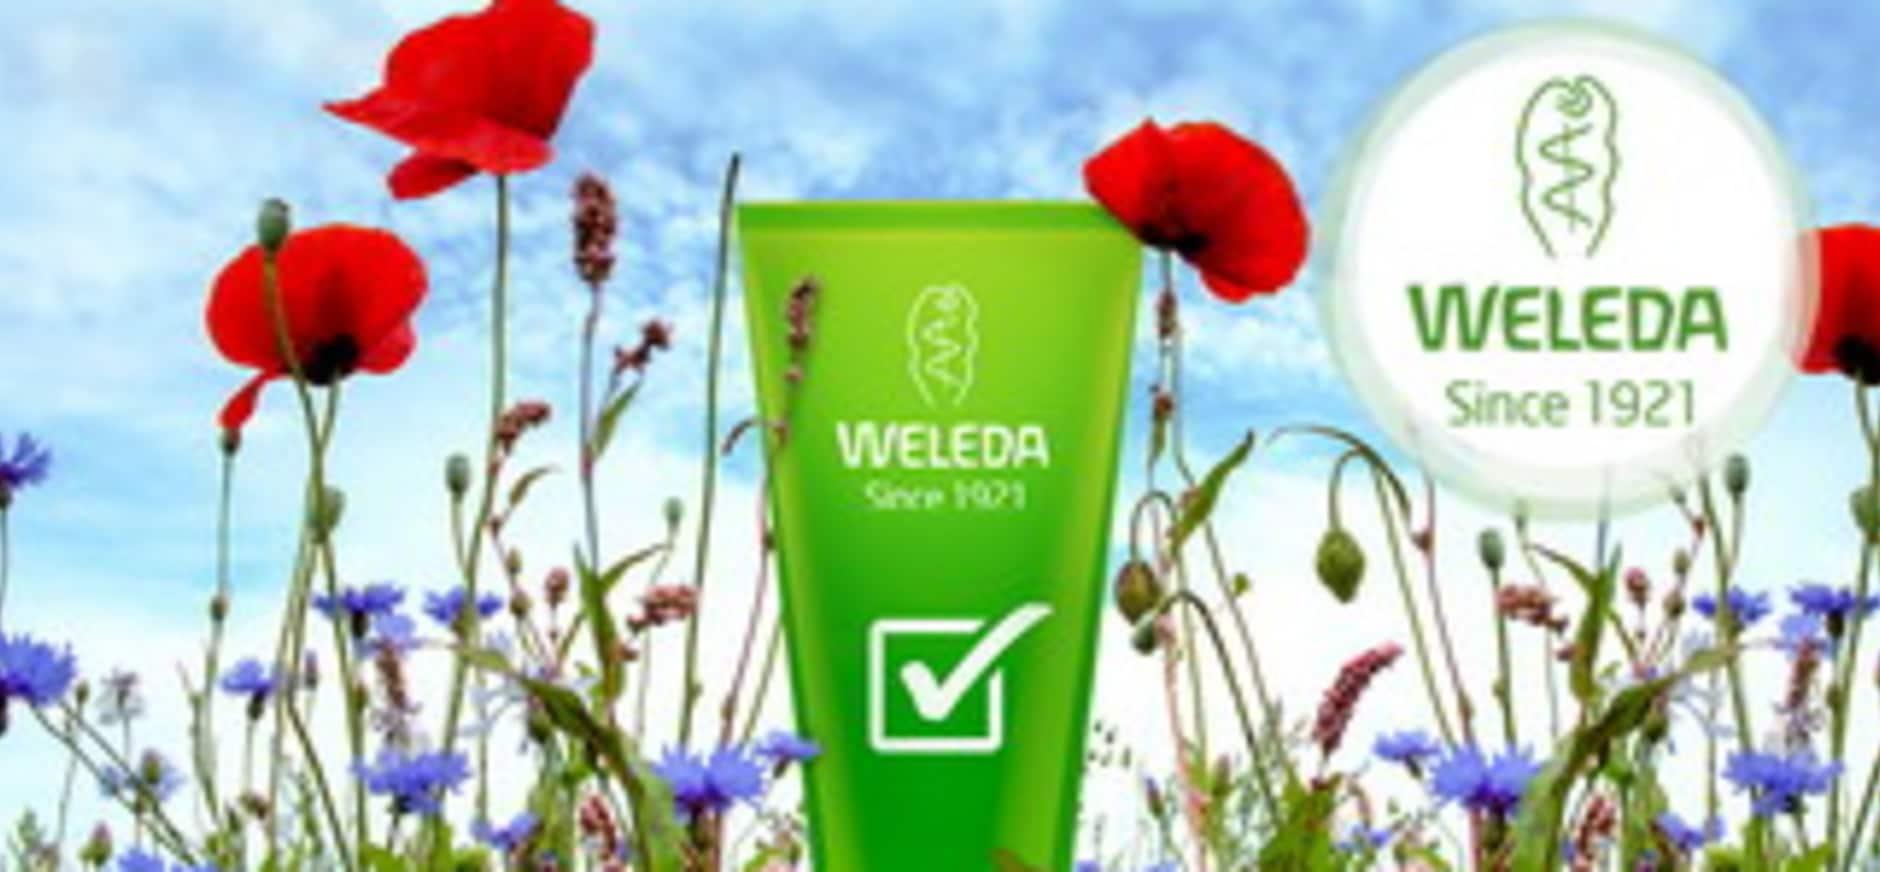 Weleda en Natuurmonumenten beschermen bloemrijke natuur